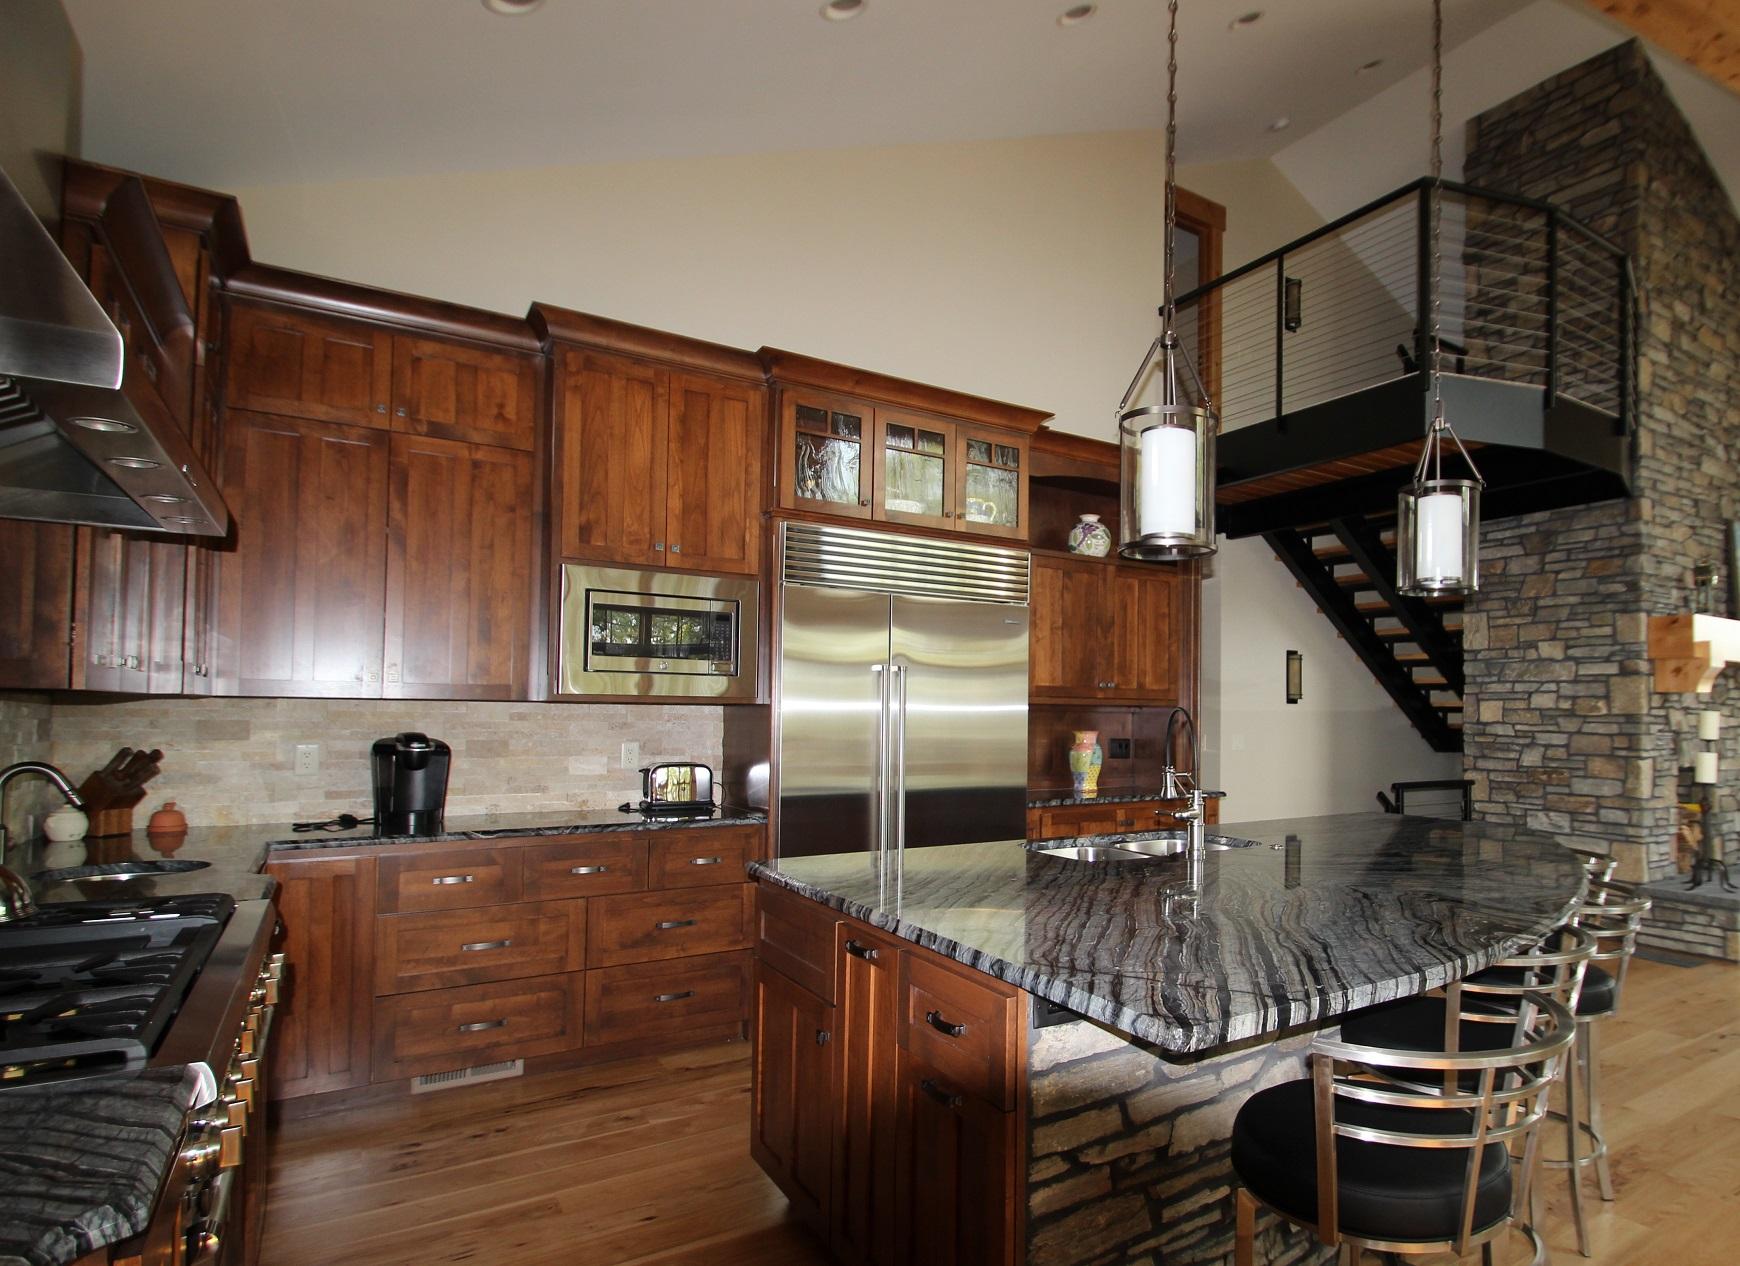 Davnprt kitchen 1.jpg